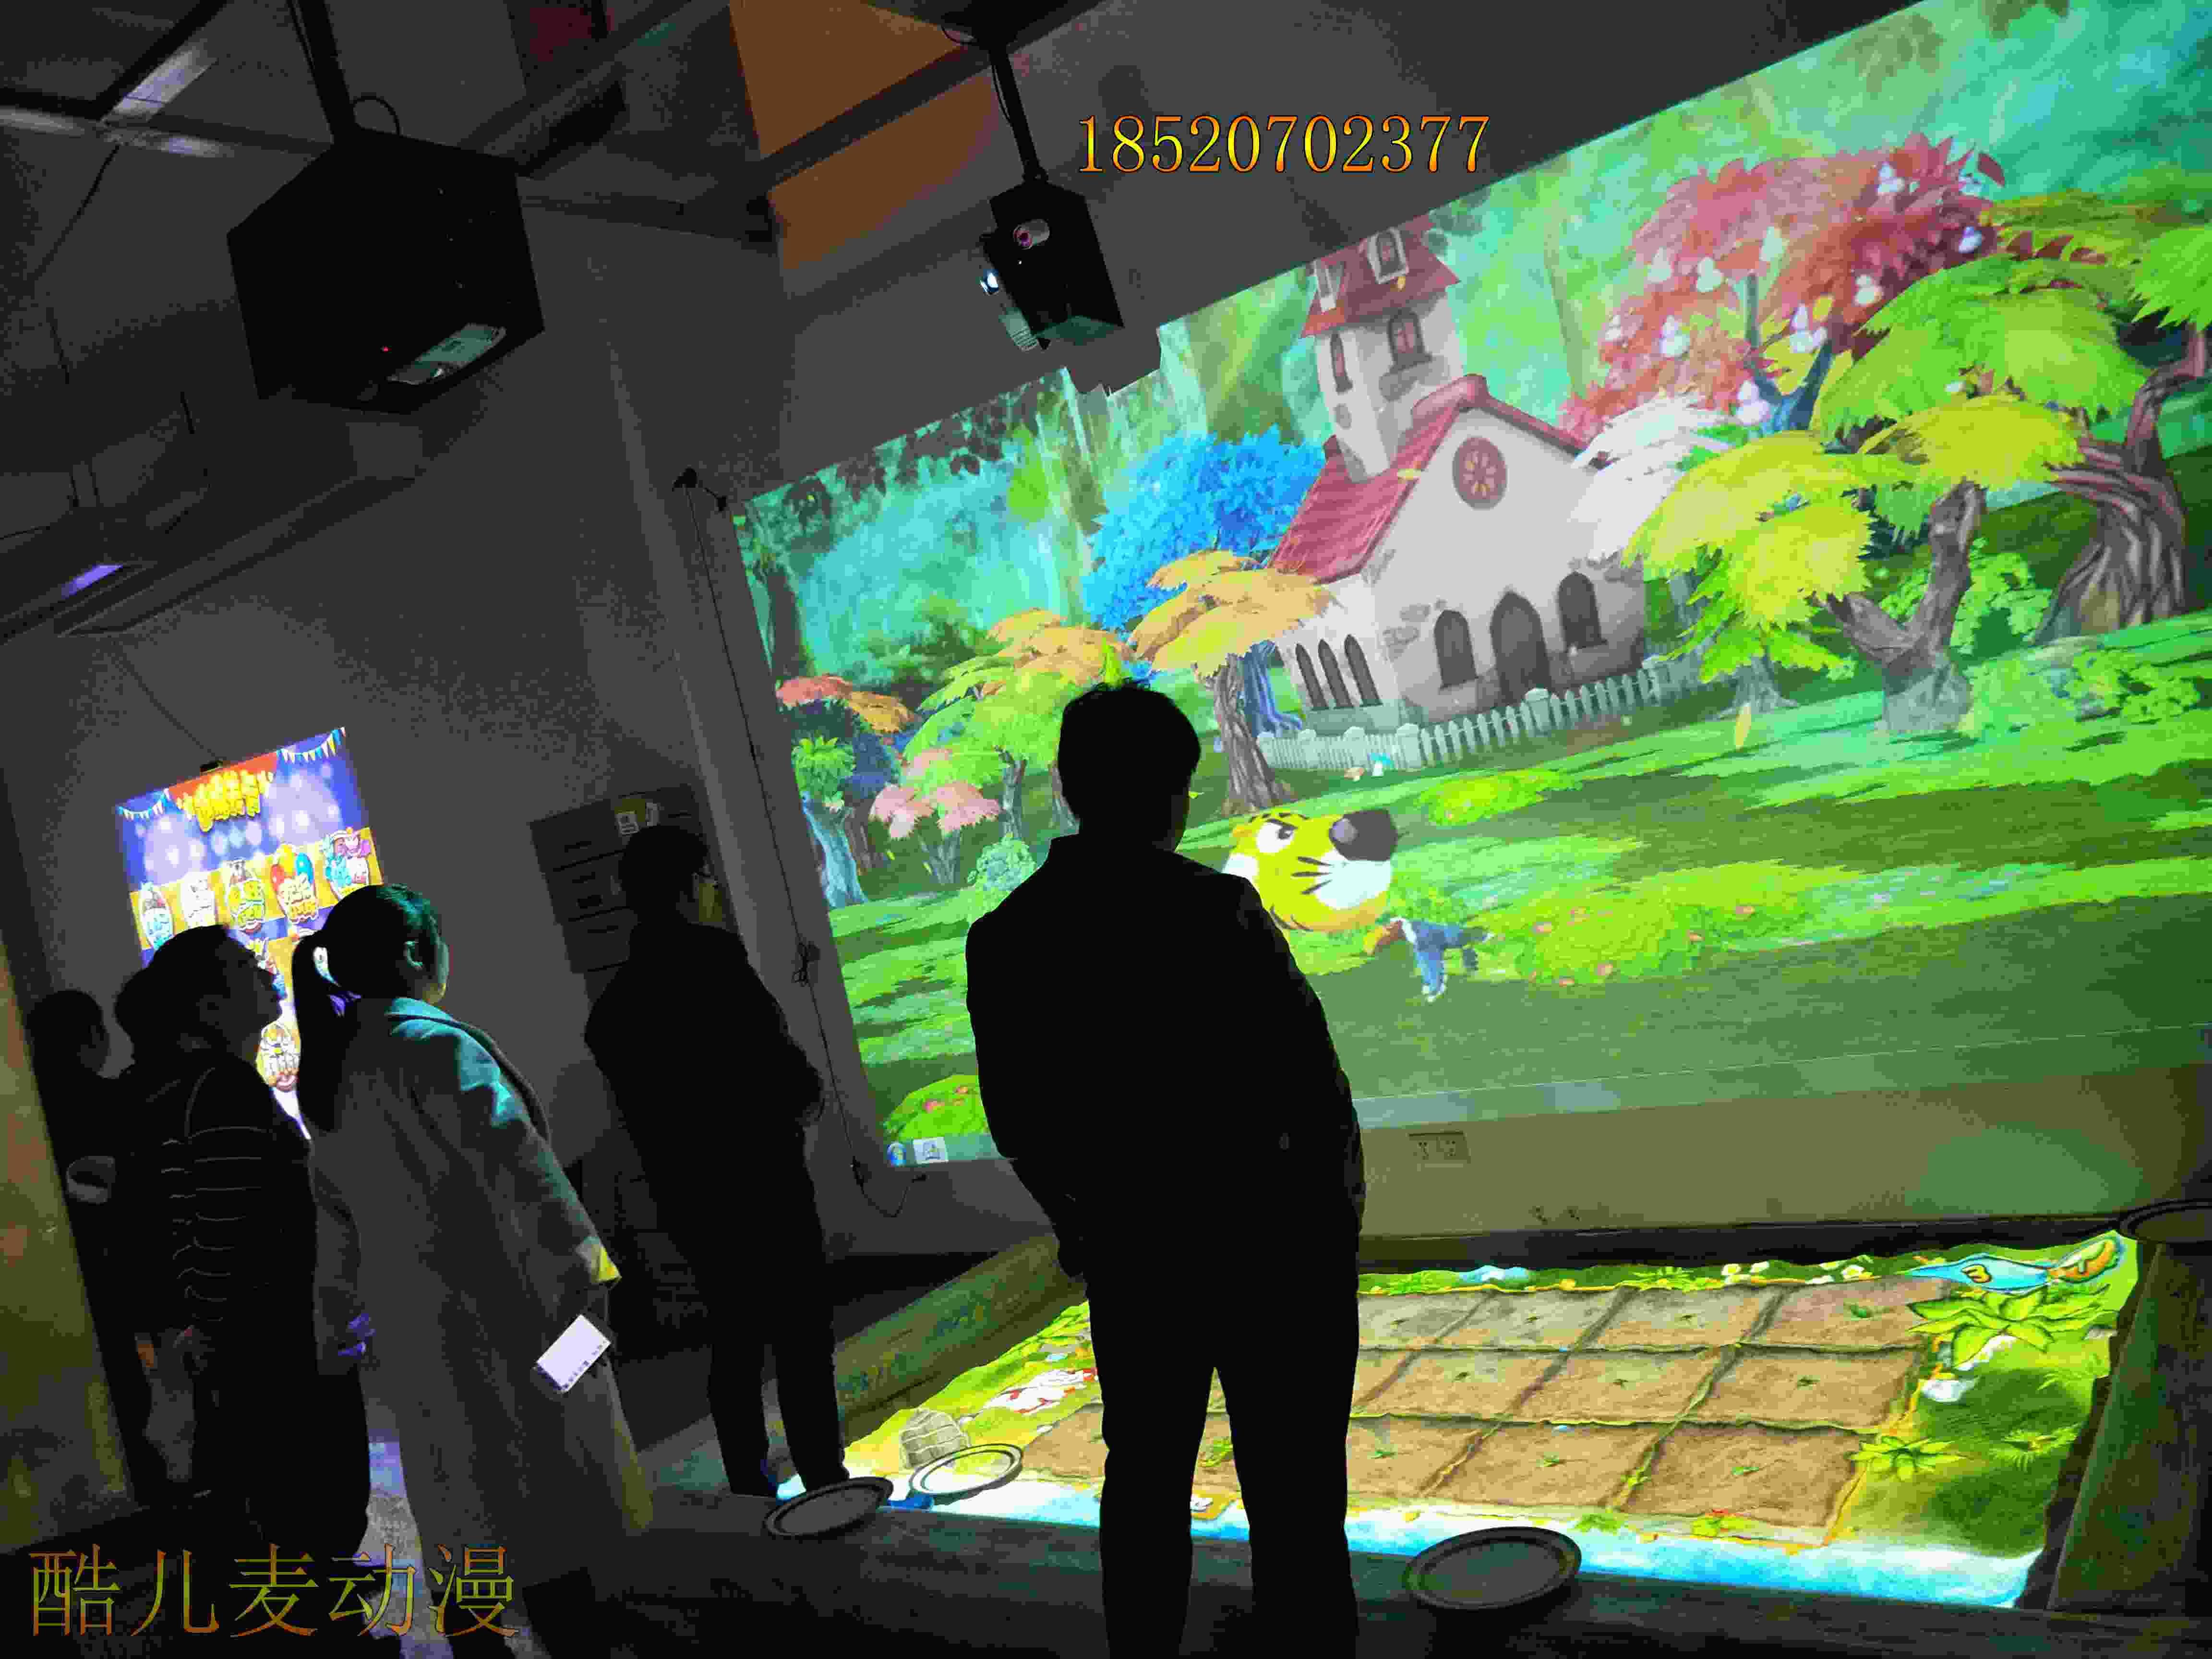 儿童互动投影游乐设施 选购划算的互动水族馆投影游乐设备,就来广州酷儿麦动漫科技